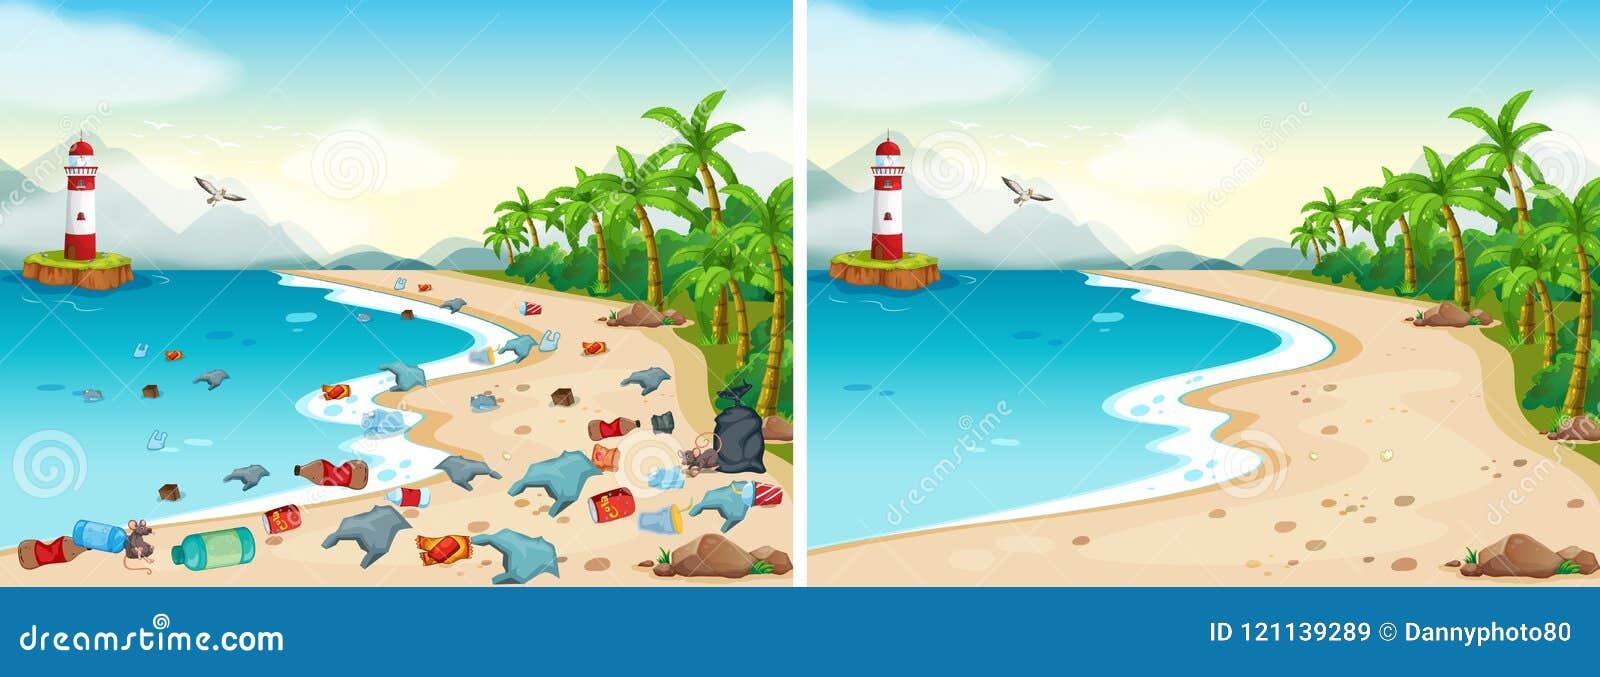 Jämförelse av den smutsiga och rena stranden